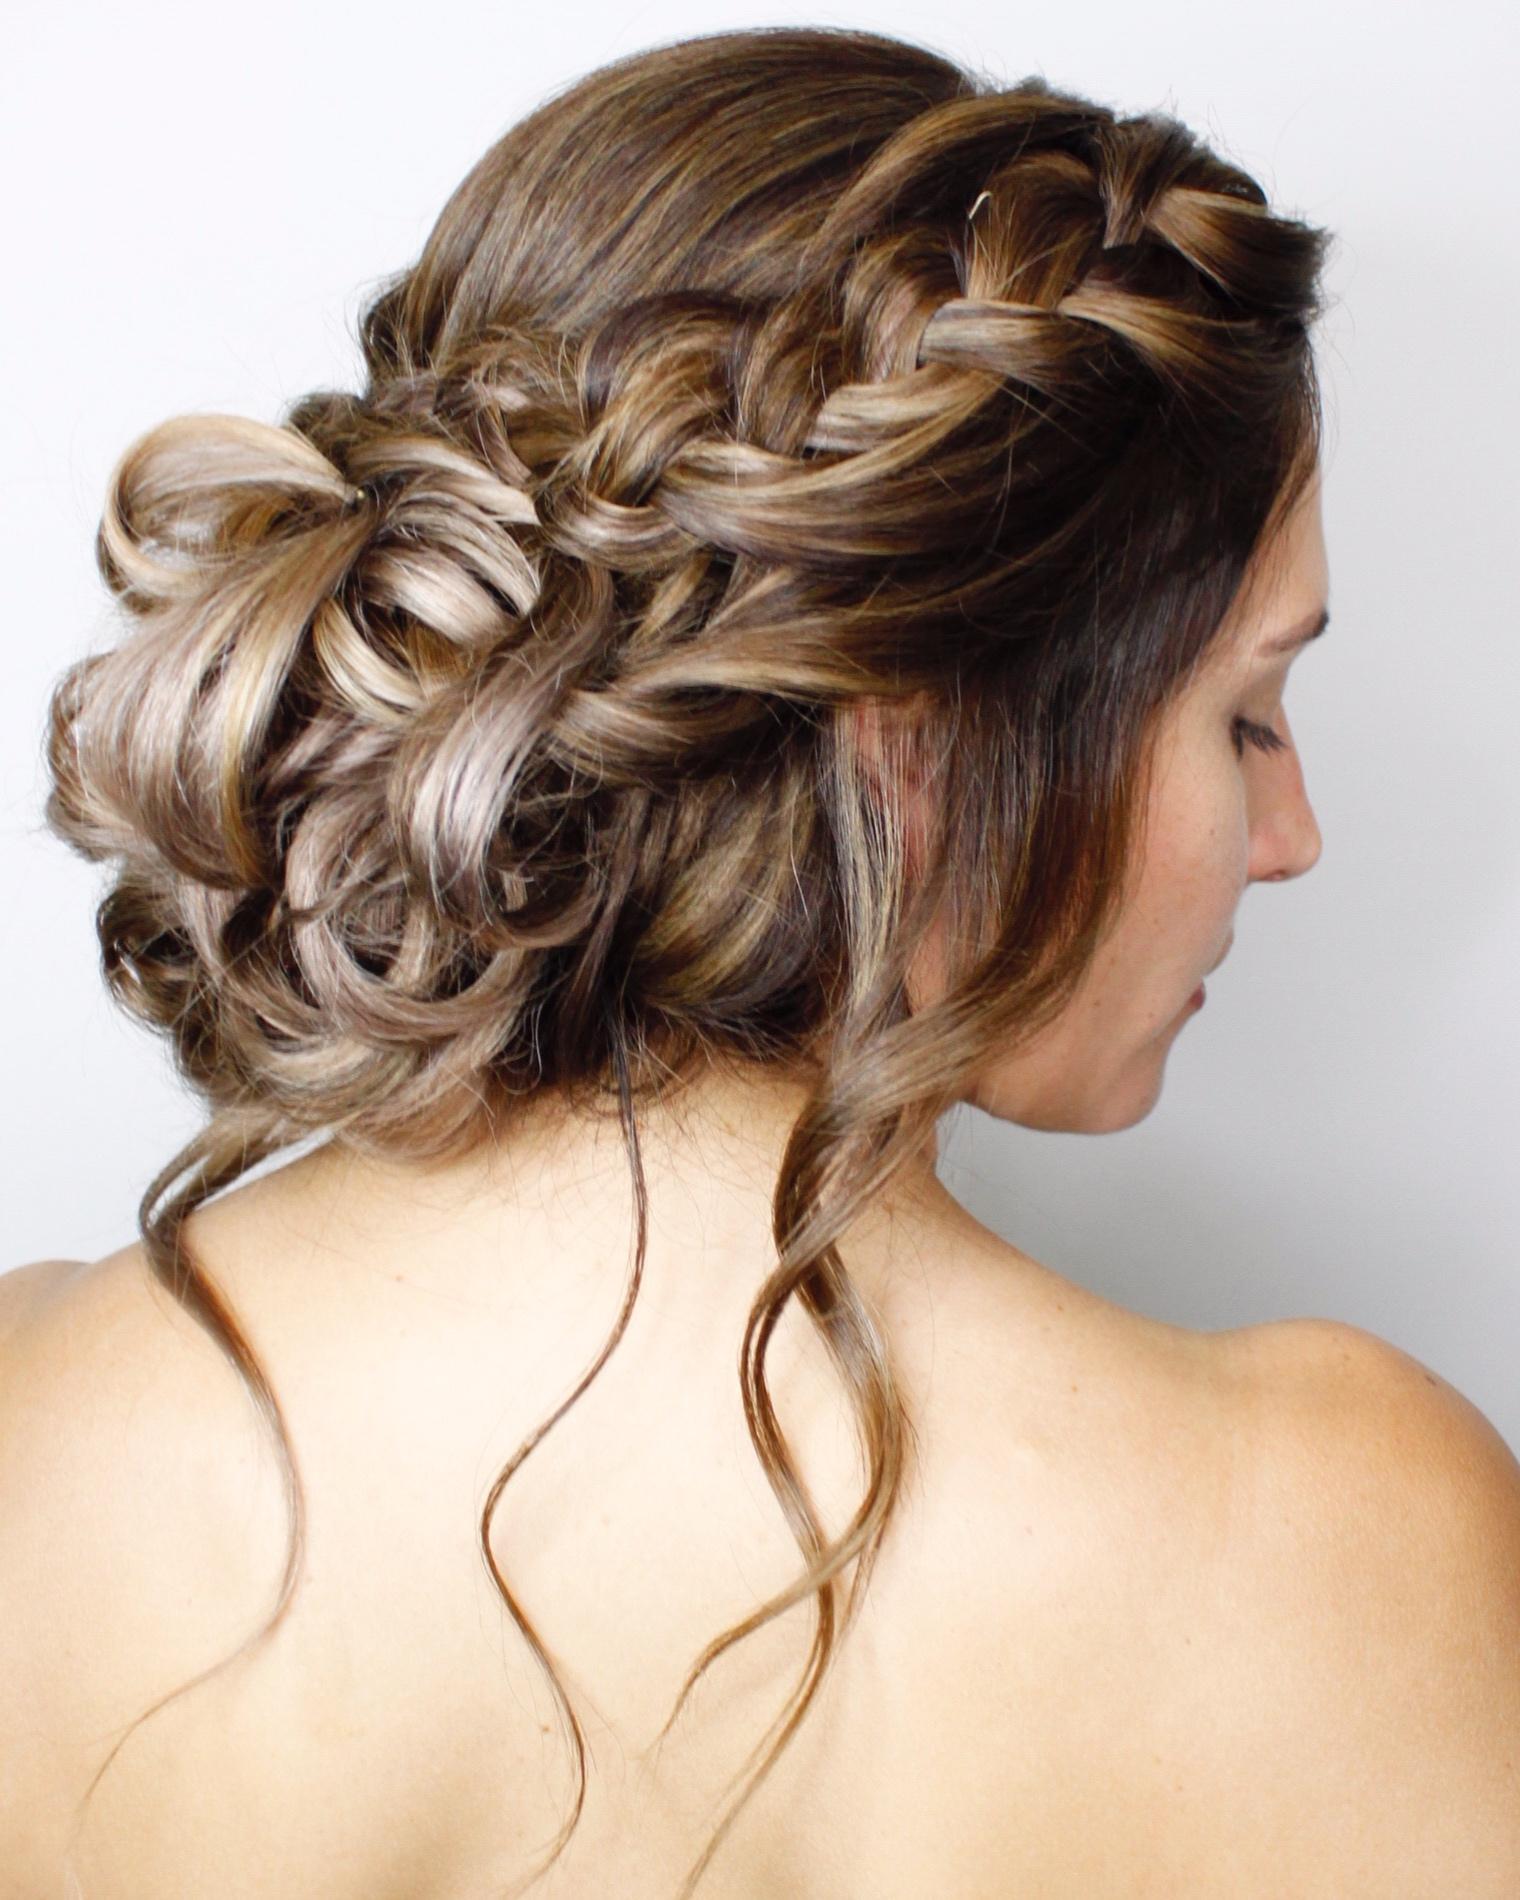 Hair+of+the+Week+Bridal+Updo+Cropped.jpg